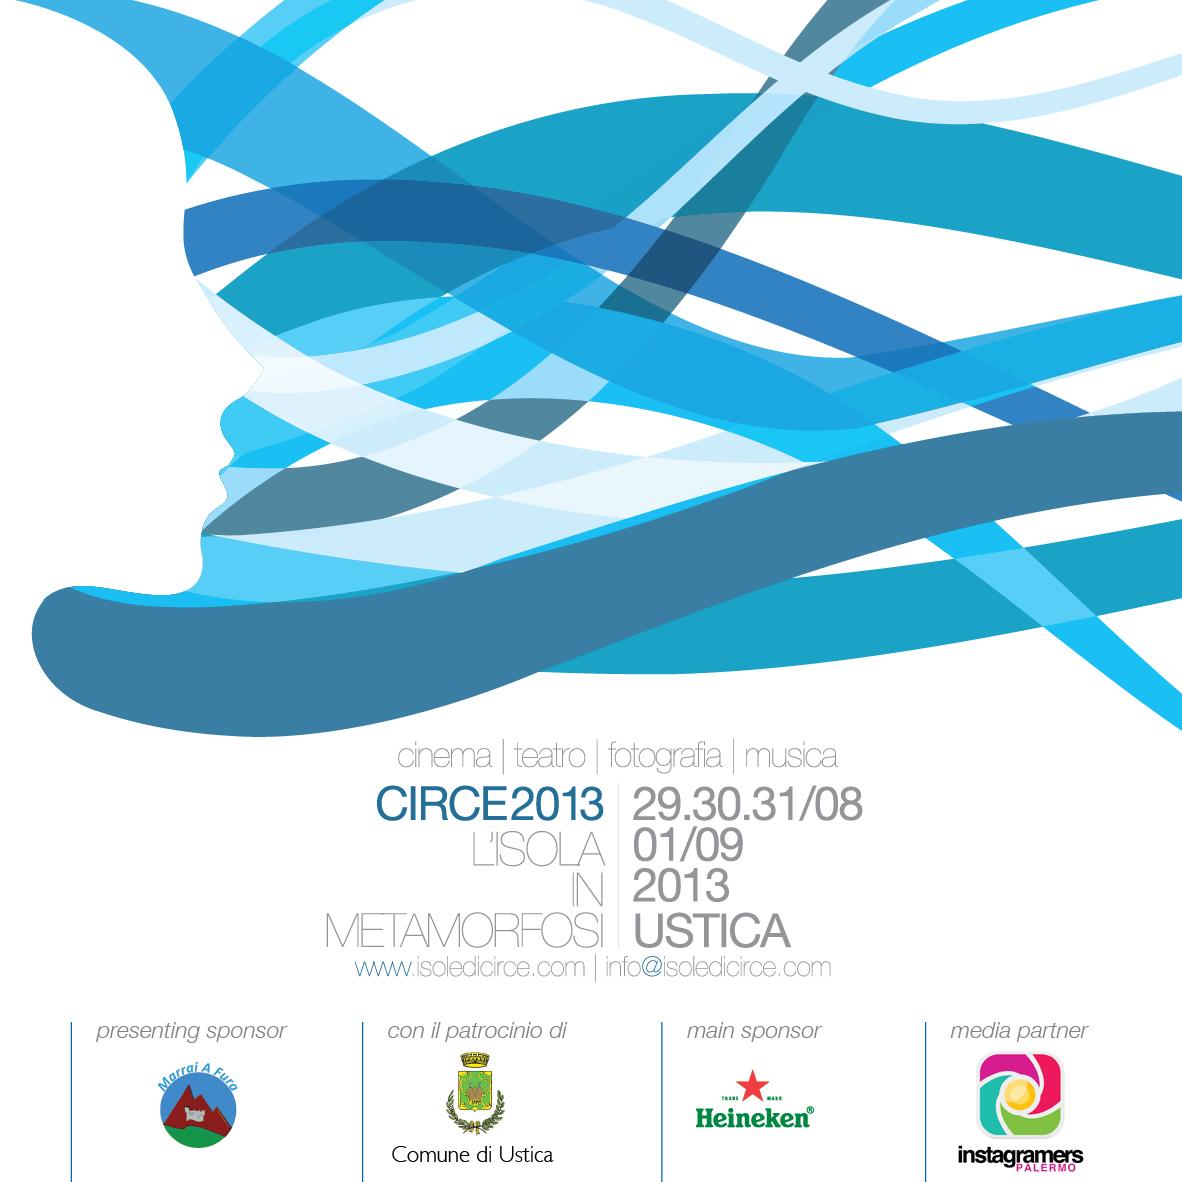 Circe 2013 – L'isola in metamorfosi